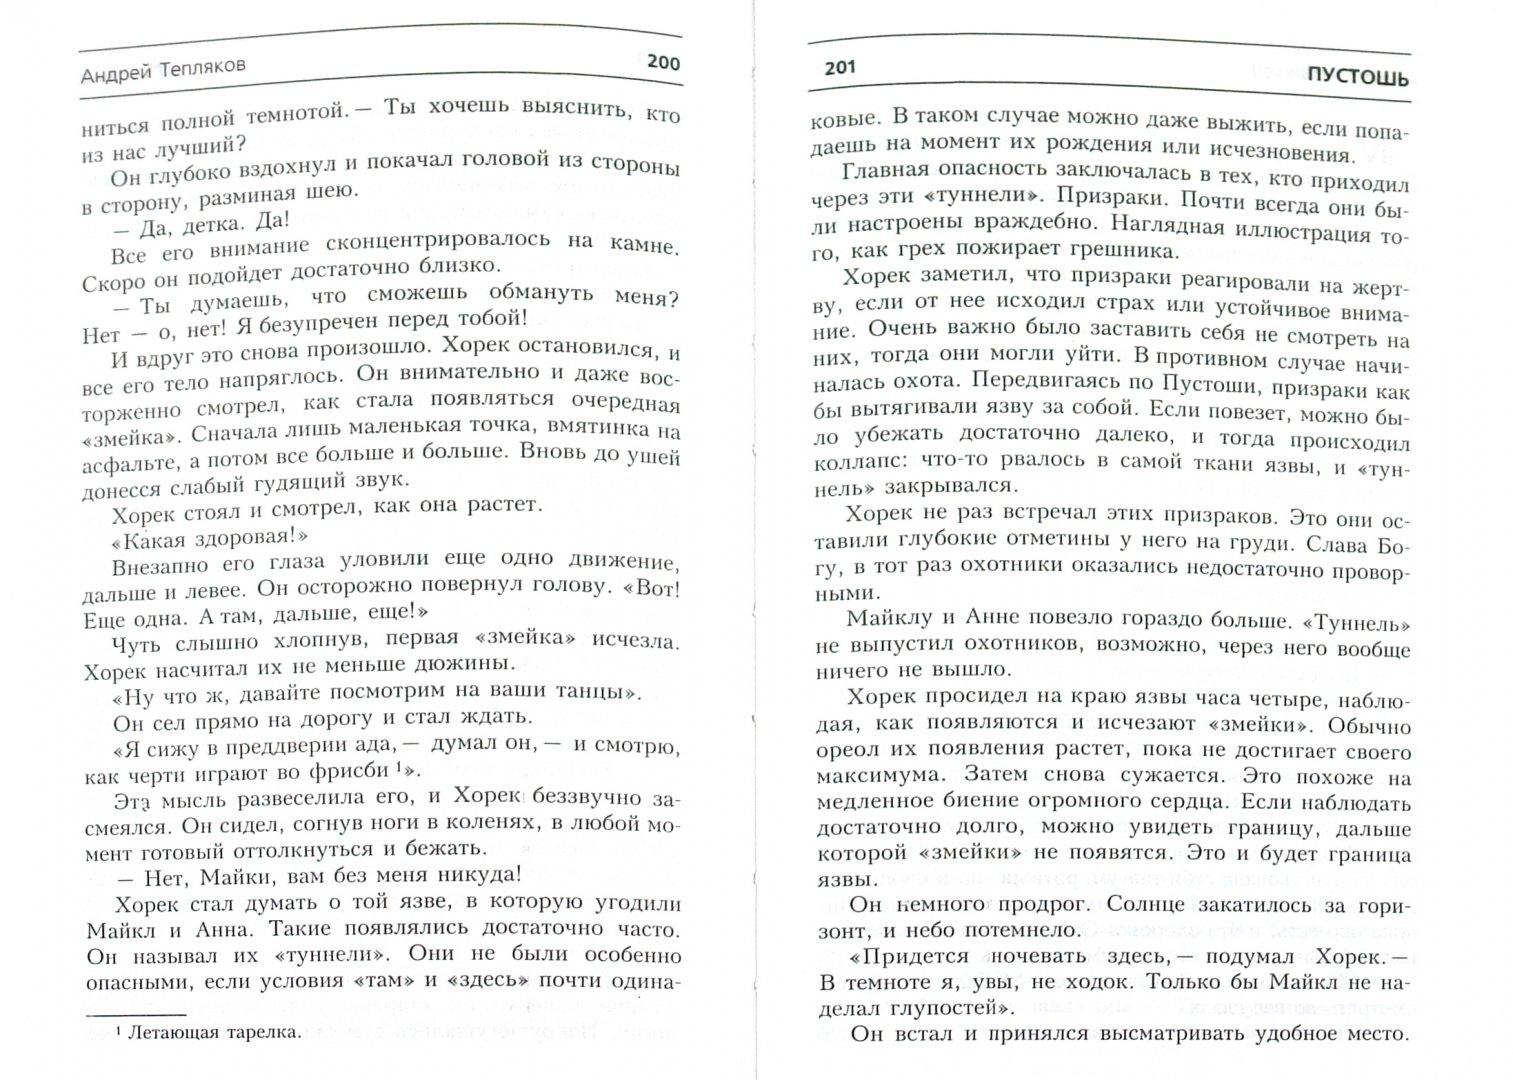 Иллюстрация 1 из 10 для Пустошь - Андрей Тепляков | Лабиринт - книги. Источник: Лабиринт